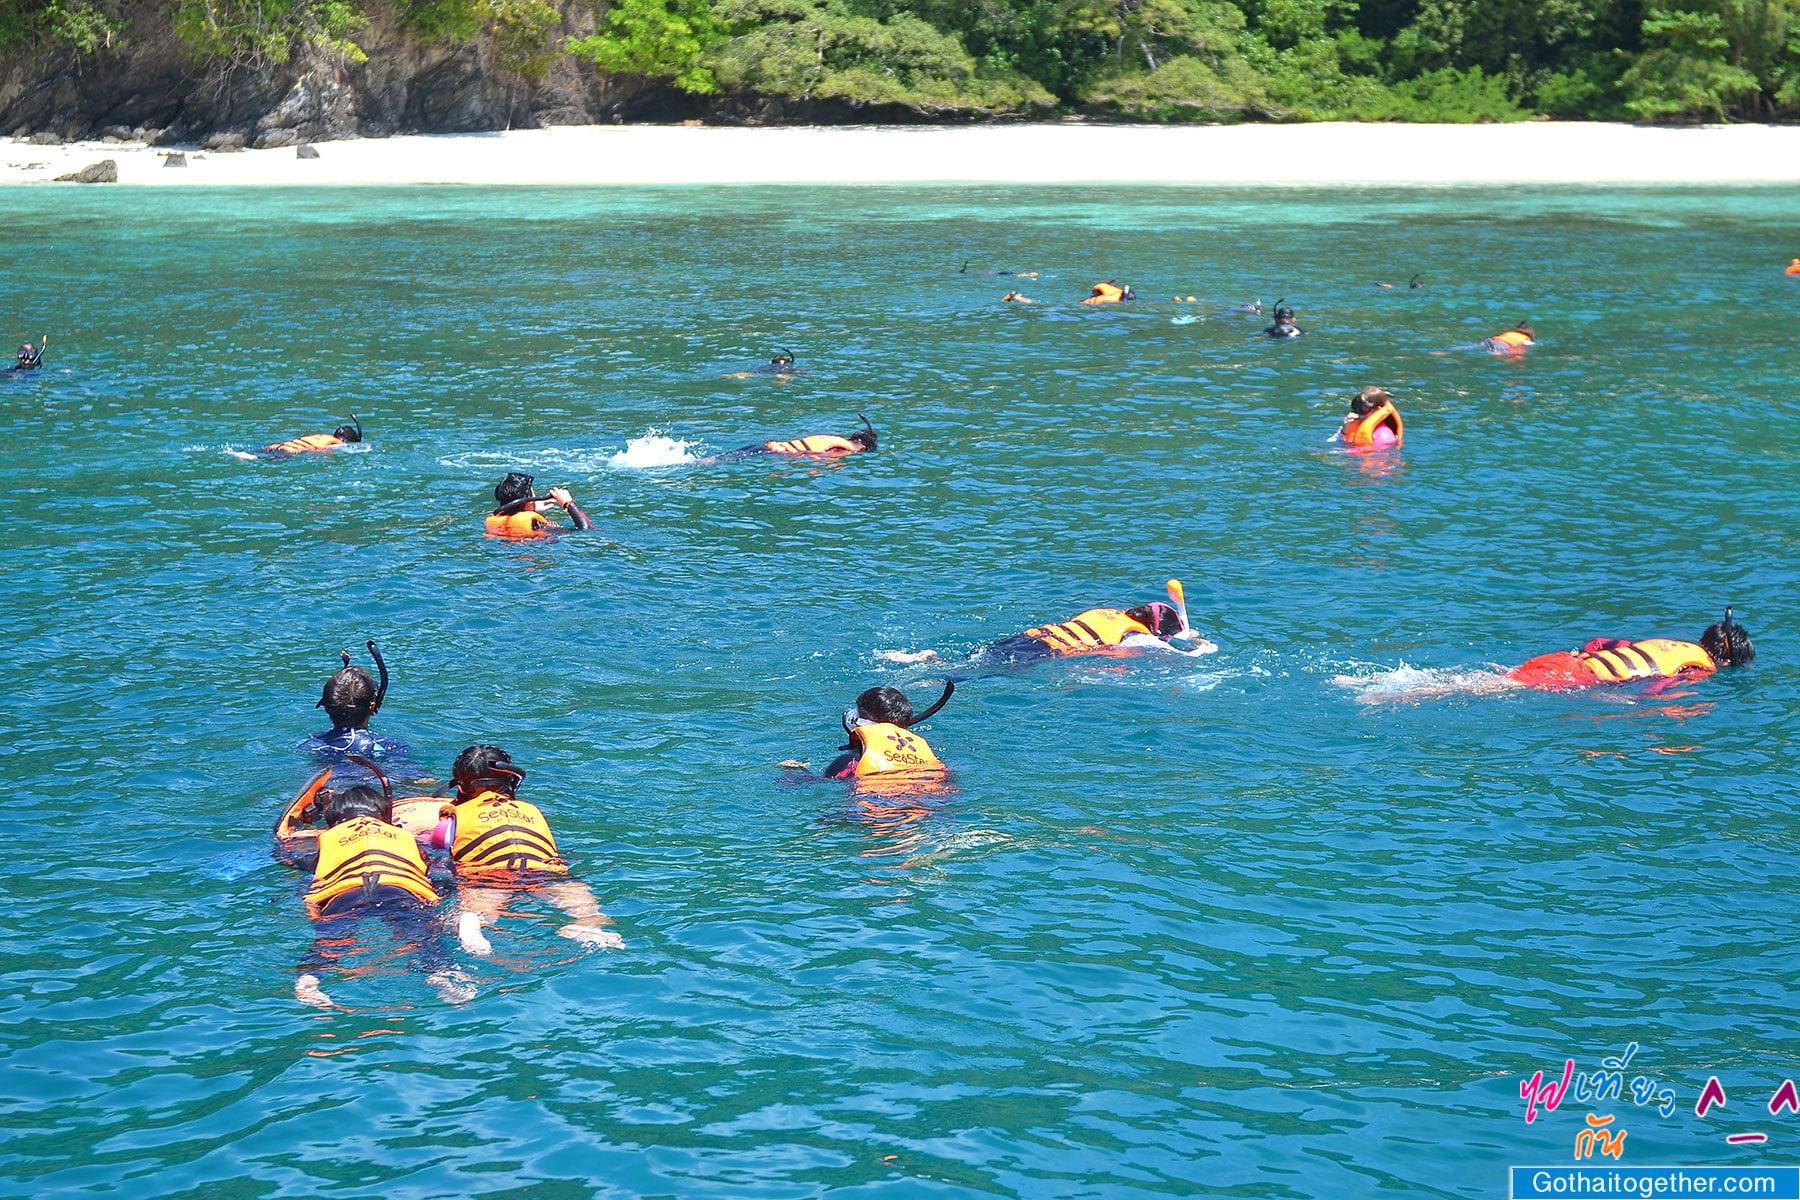 เกาะบรูเออร์ โลกใต้ทะเล สดใหม่ อันสวยงาม สายดำน้ำควรต้องมาเช็คอิน 40